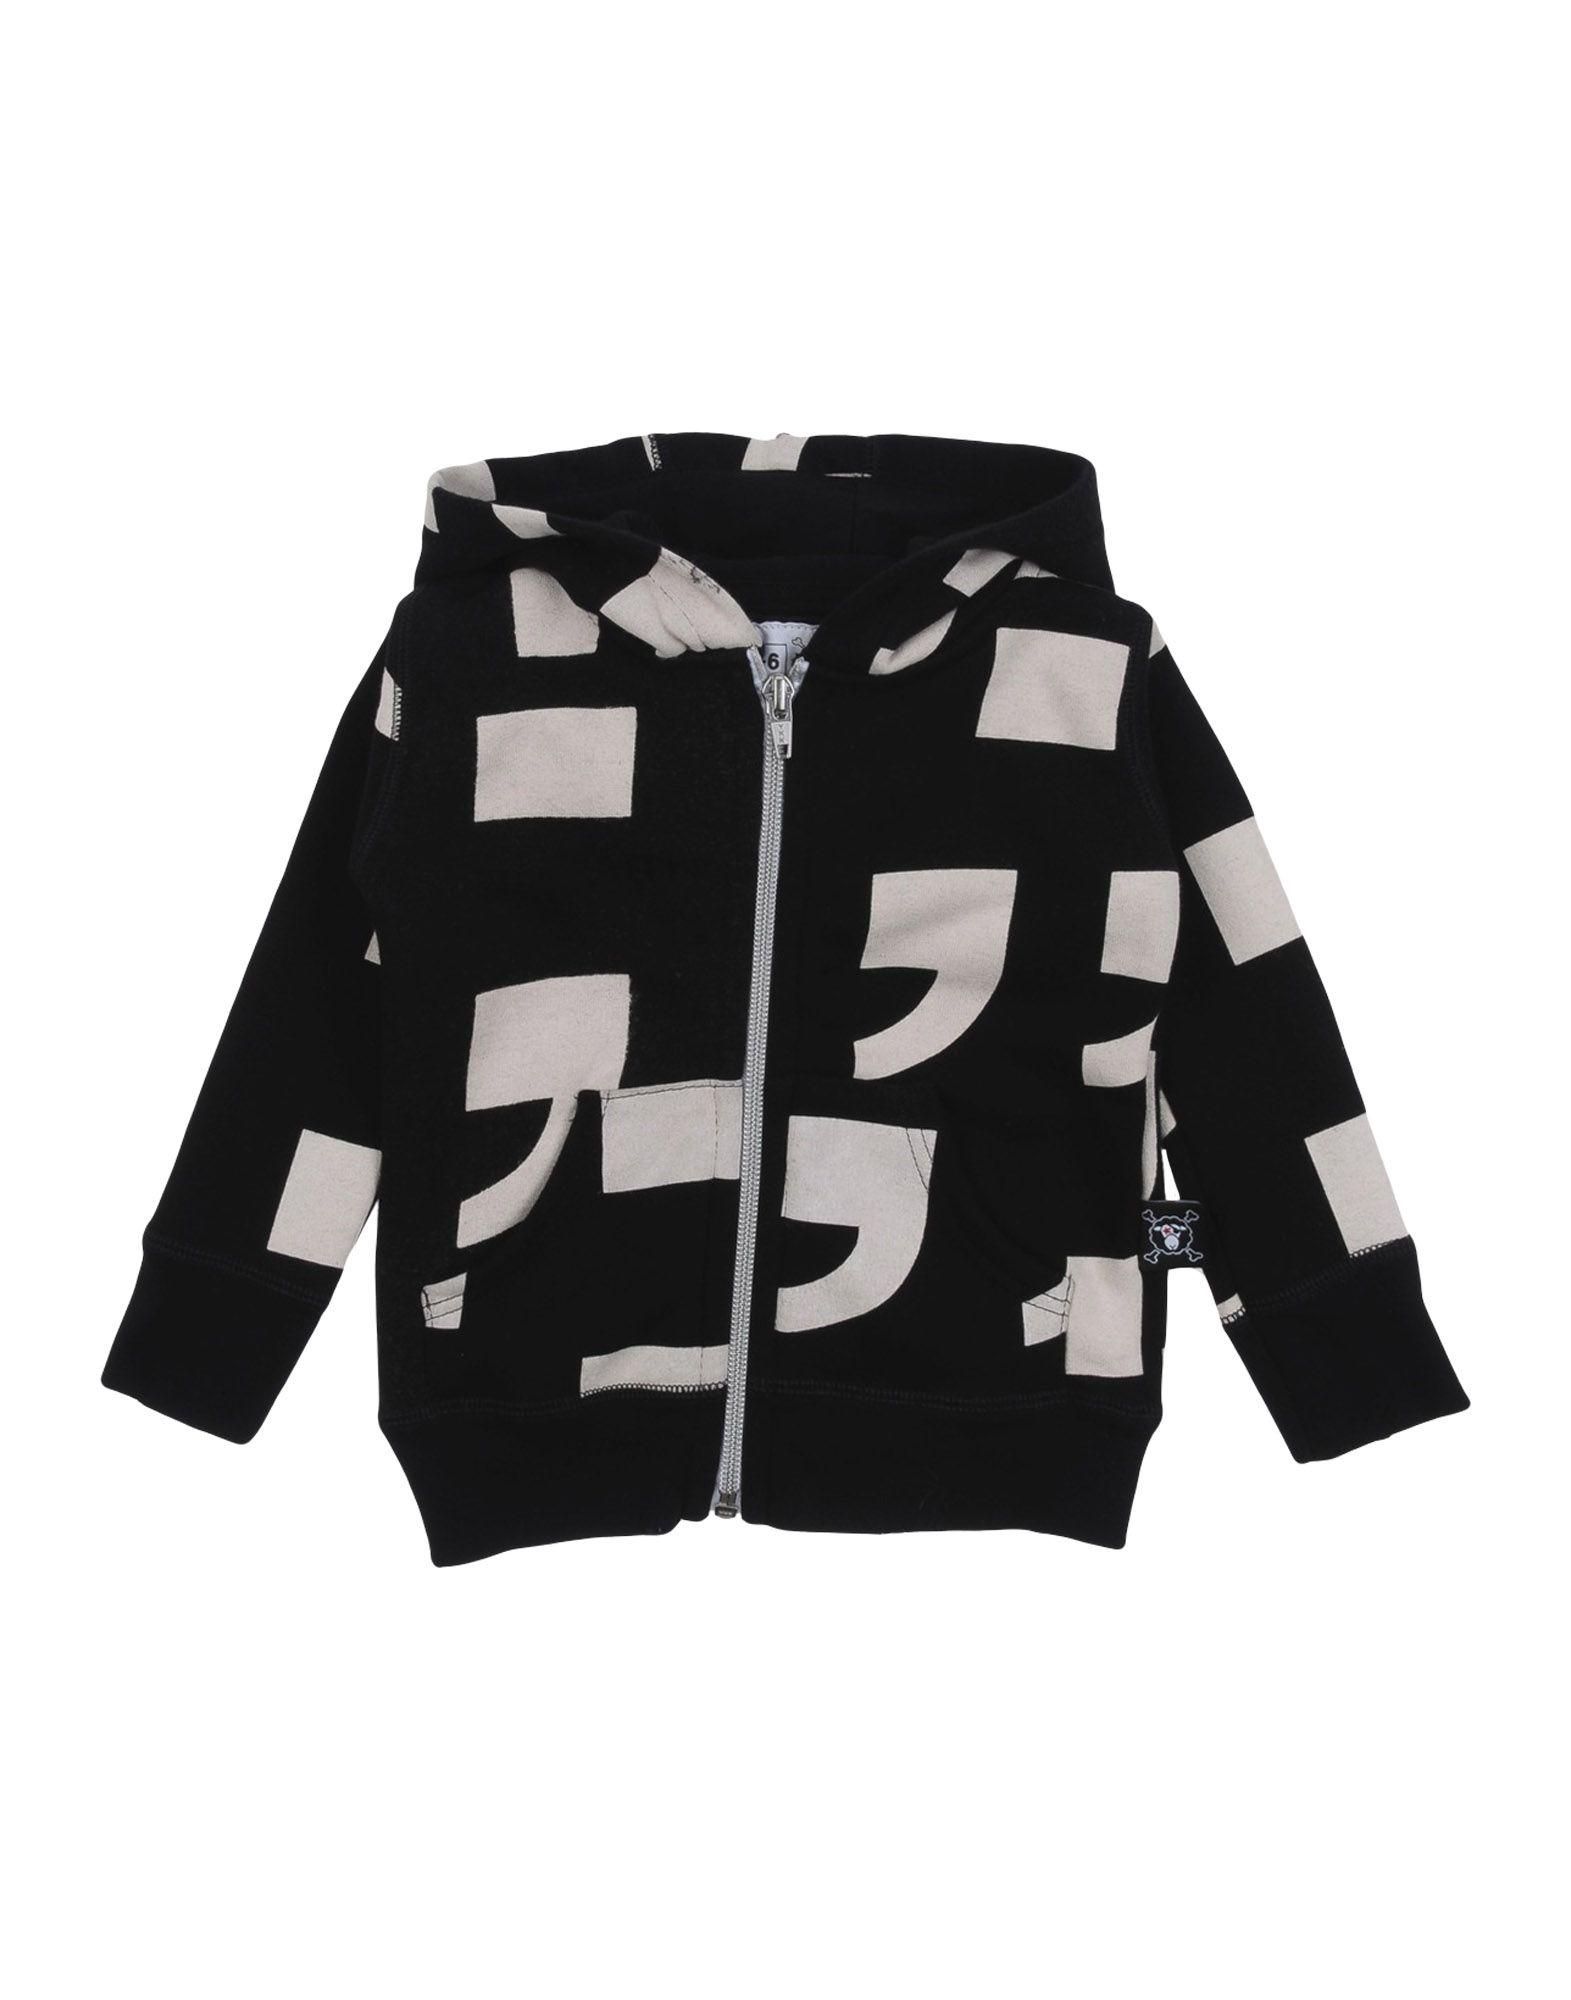 NUNUNU Jungen 0-24 monate Sweatshirt Farbe Schwarz Größe 4